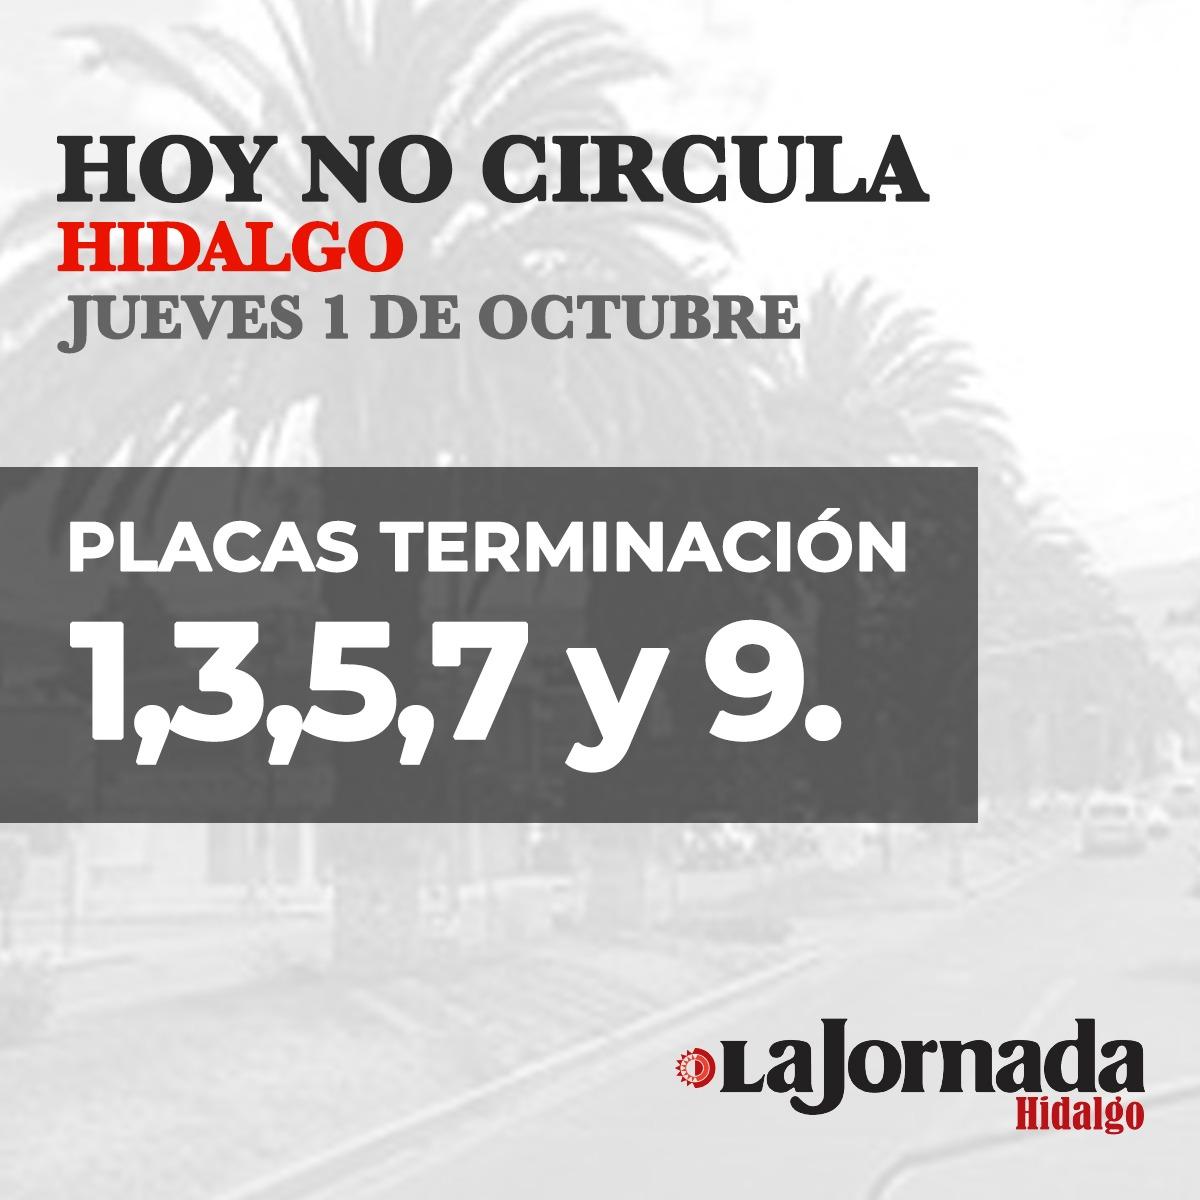 Hoy No Circula Hidalgo 03 Octubre